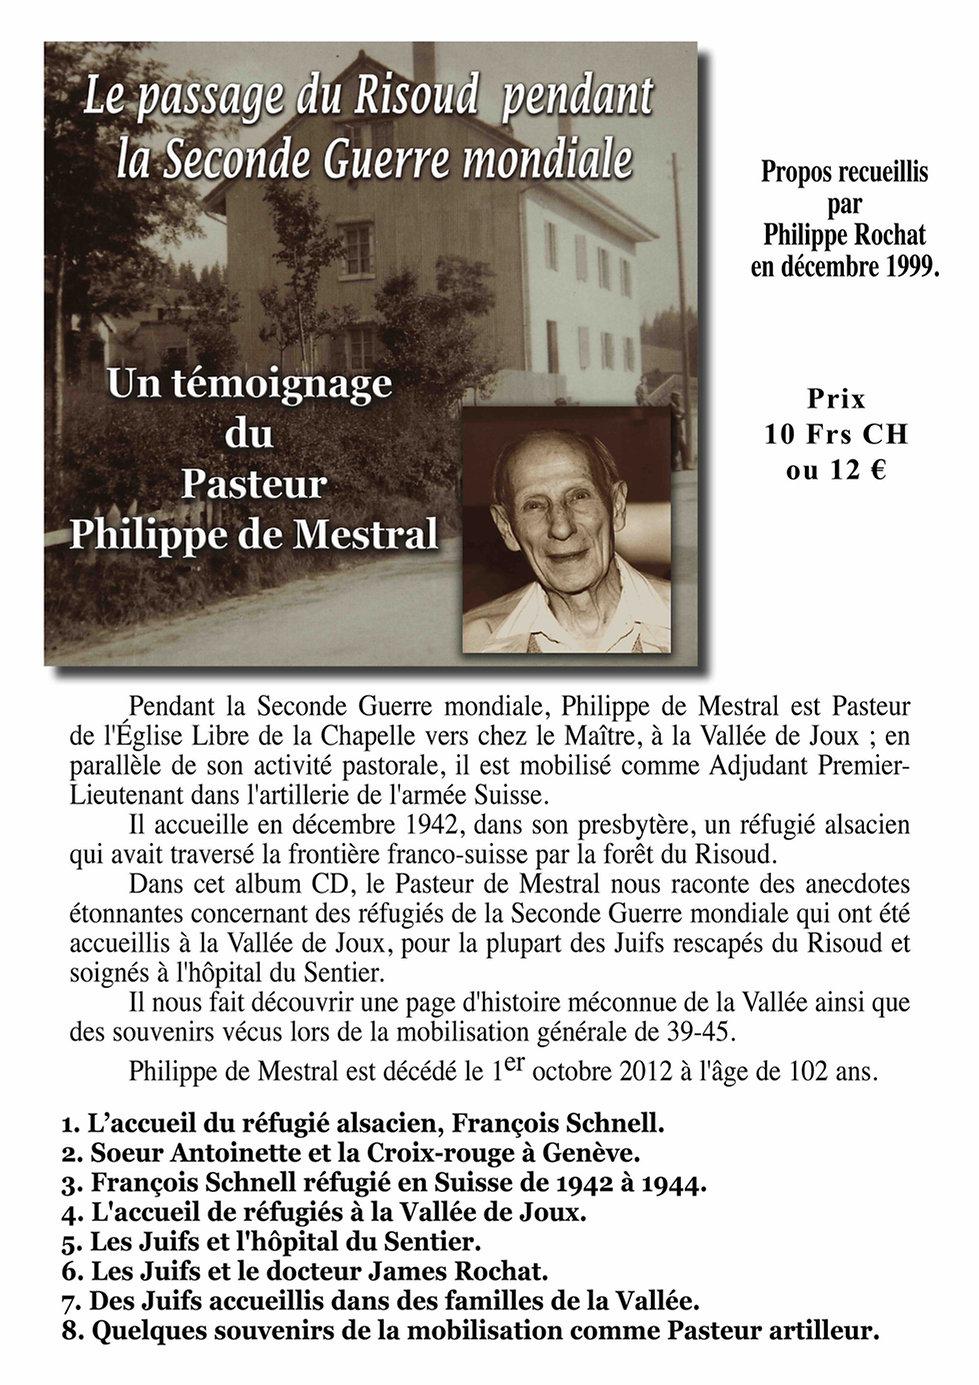 Le passage du Risoux Philippe de Mestral